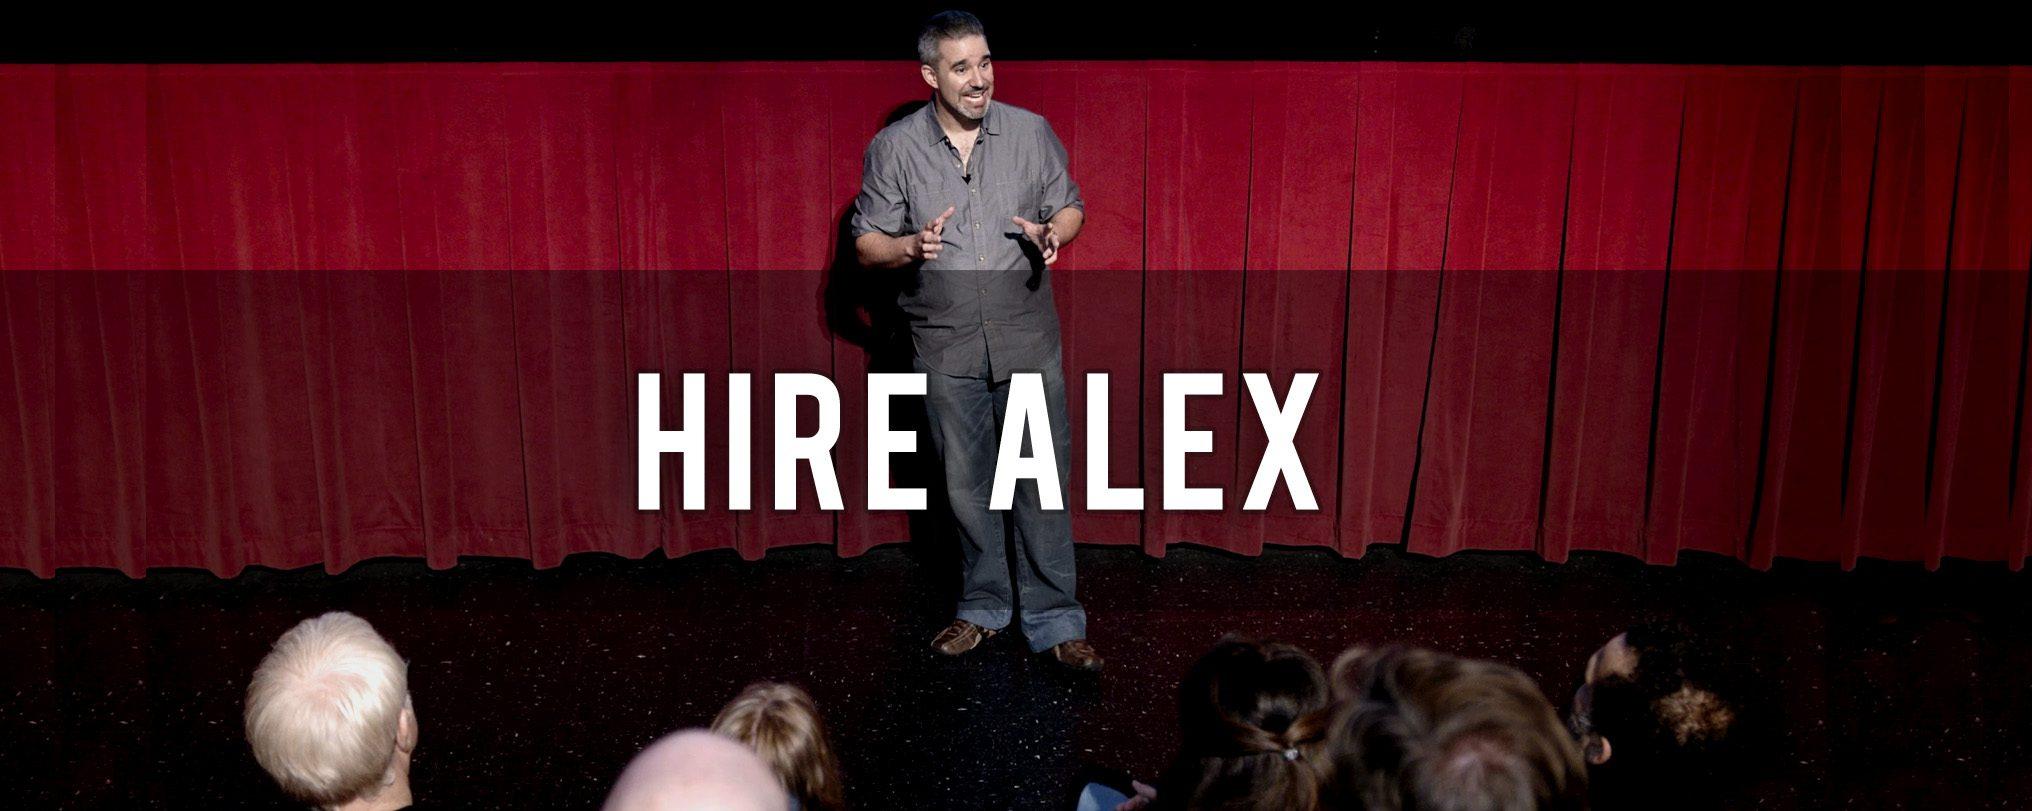 ALEXFERRARI.COM - HIRE ALEX BANNER2